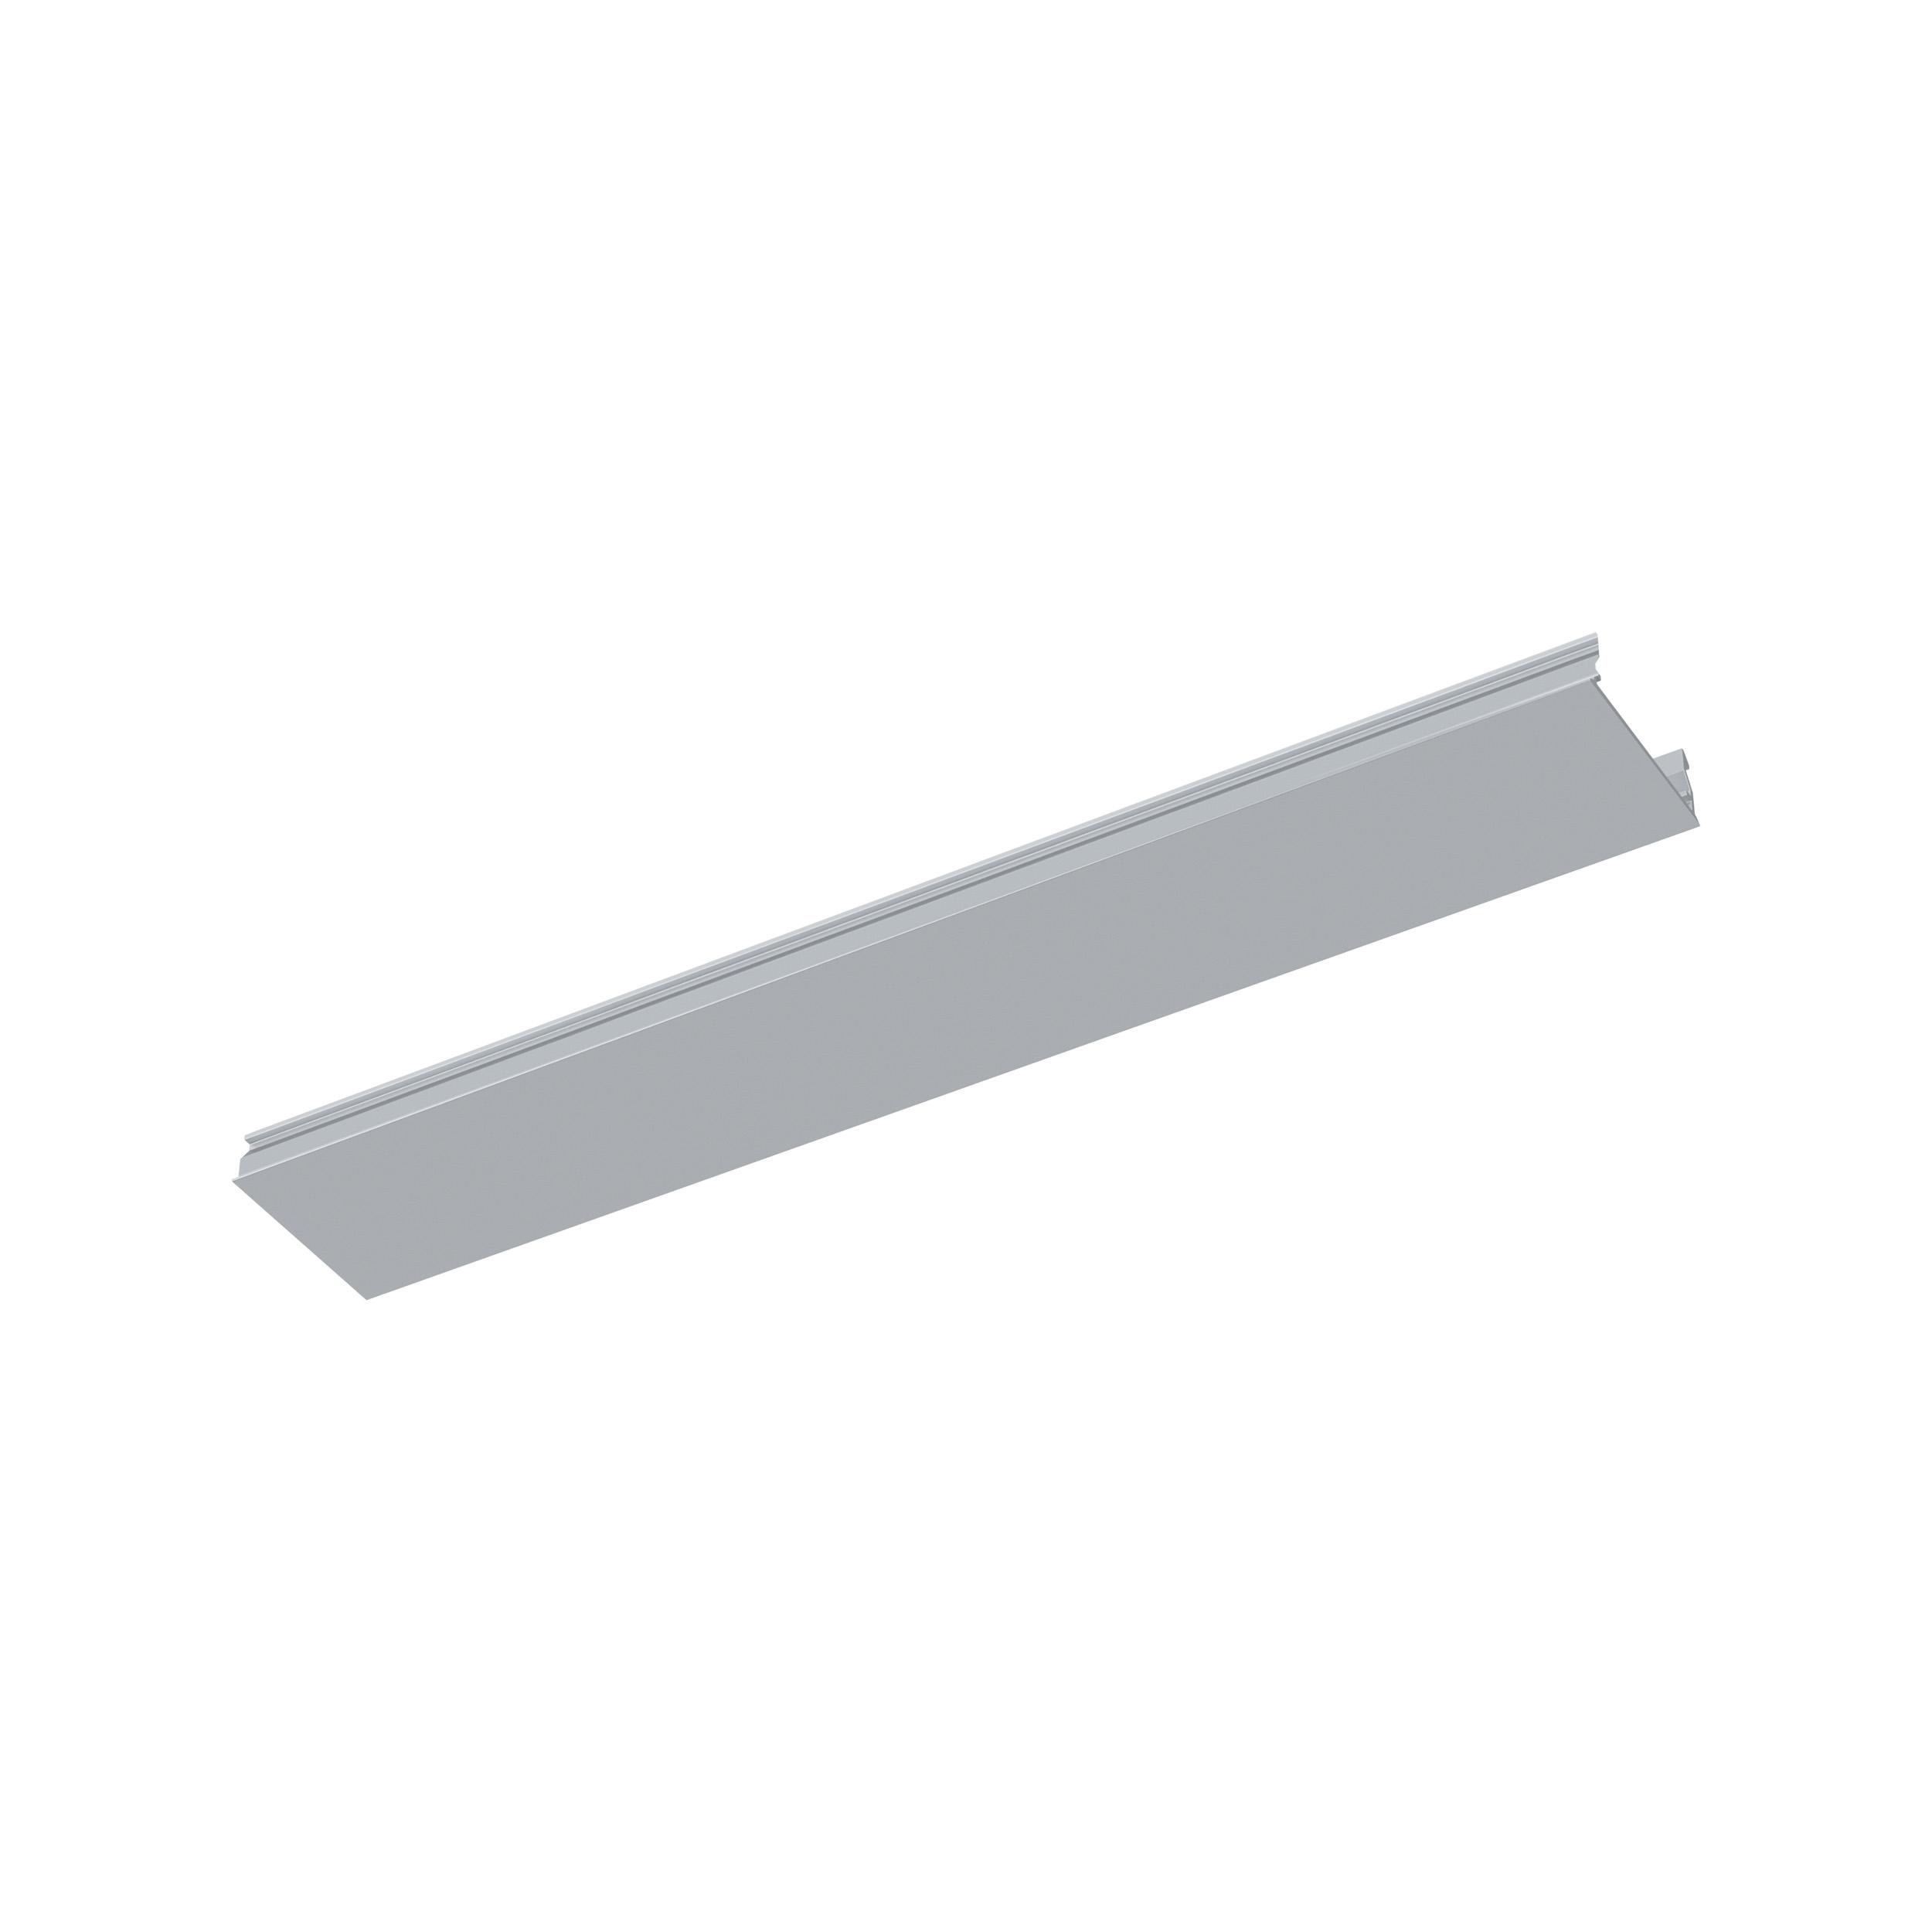 1 Stk Abdeckung Aluminium eloxiert, L-1140mm LI65339---